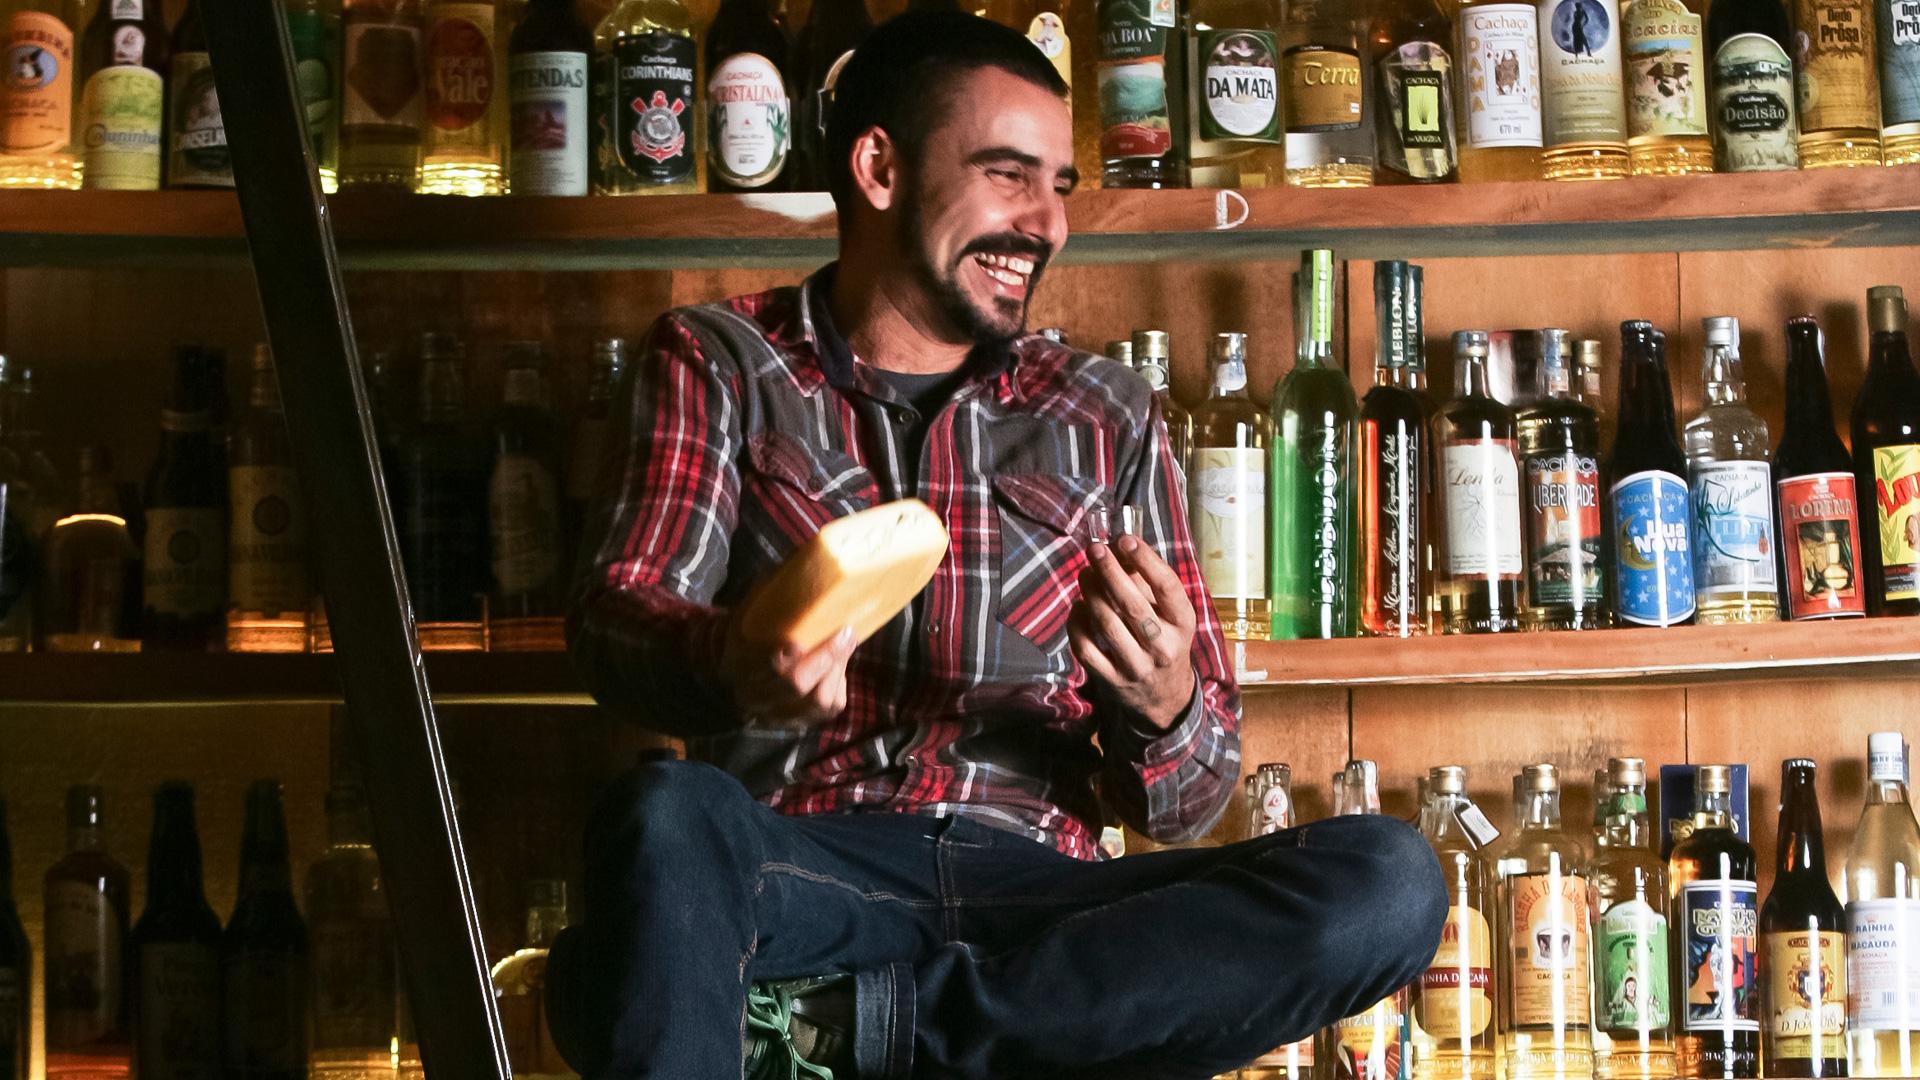 paulo-leite-proprietario-do-emporio-sagarana-comer-e-beber-2013-credito-mario-rodrigues.jpeg